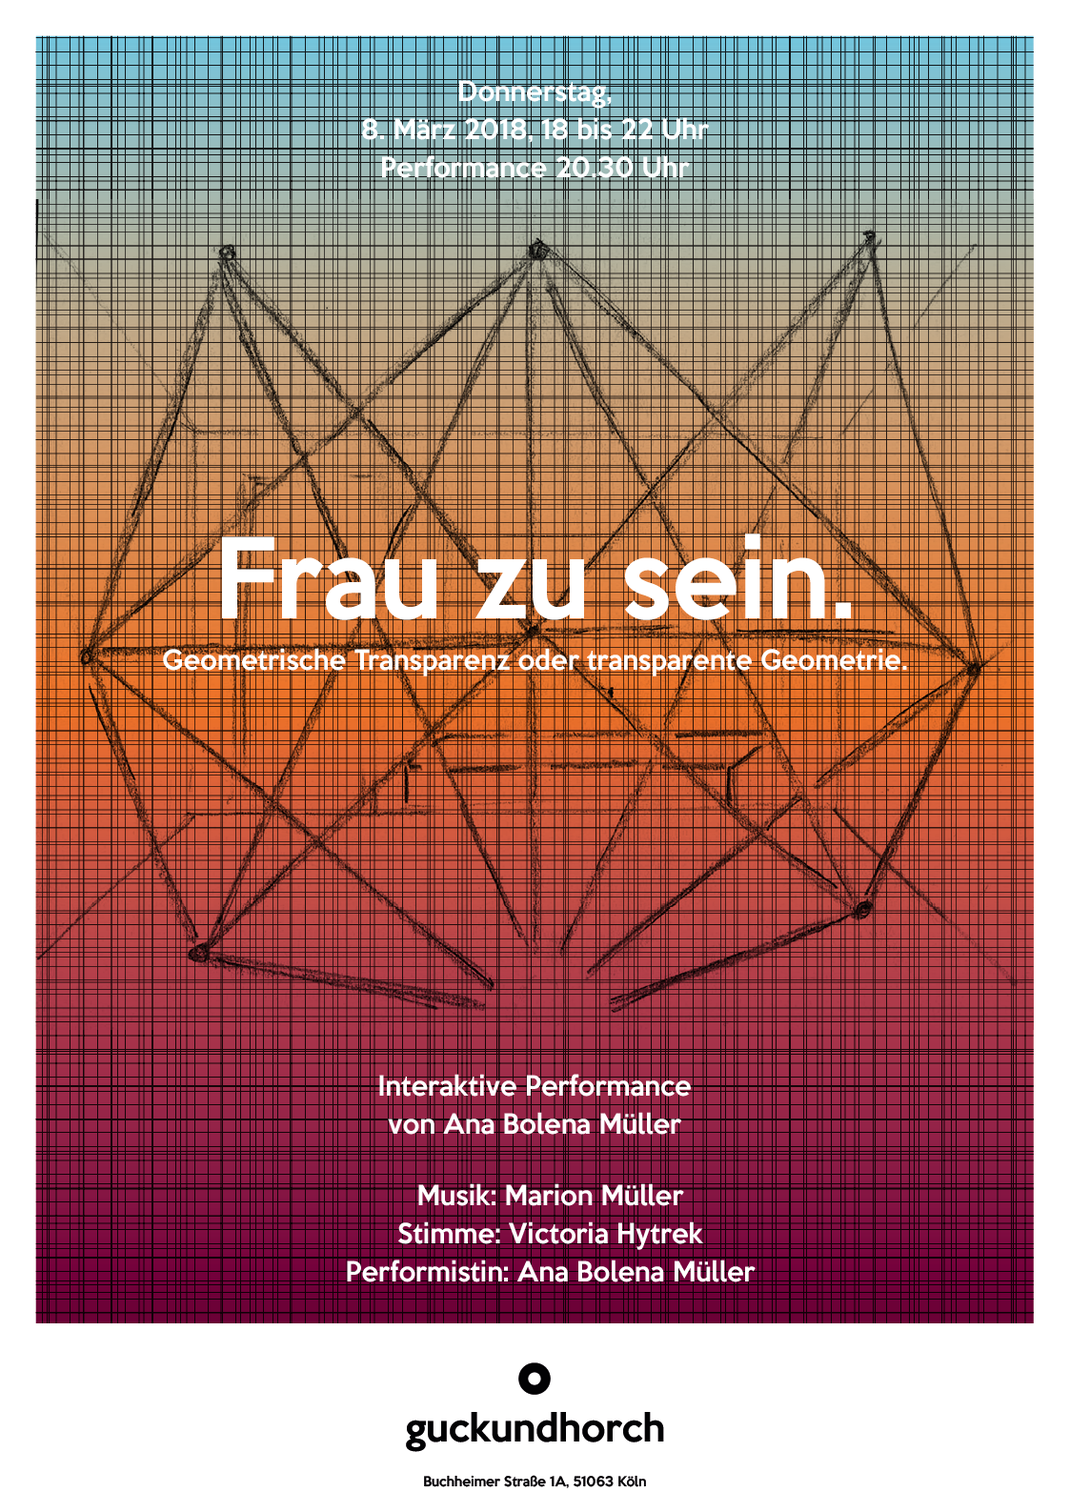 Einladung unter Verwendung einer Raum-Skizze von Ana Bolena Müller